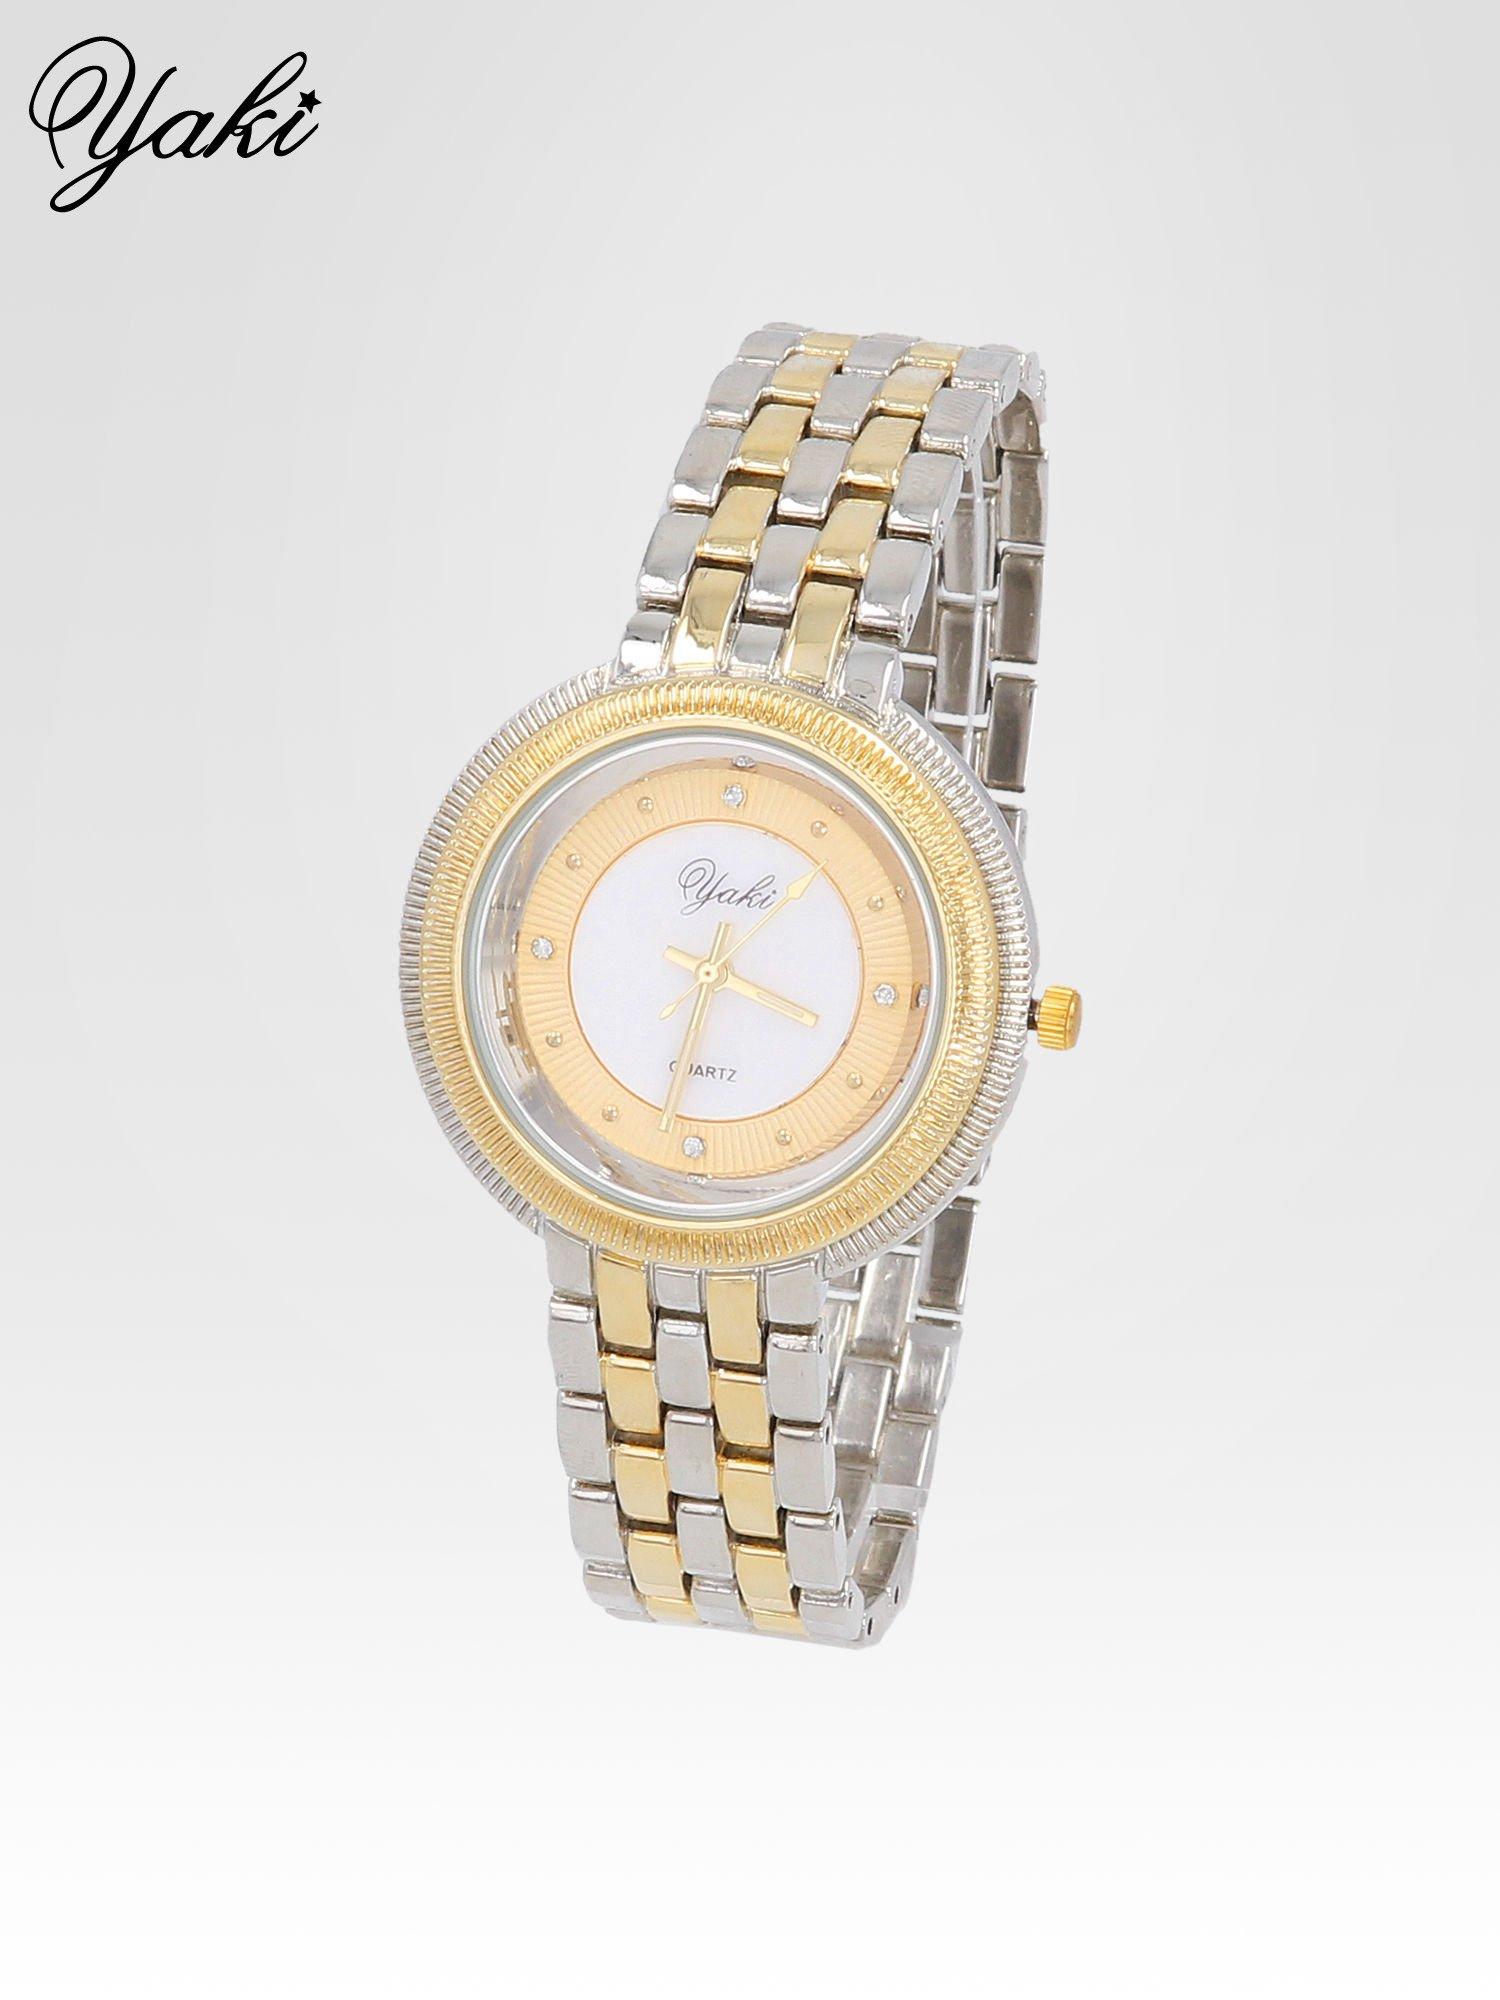 Złoto-srebrny zegarek damski z biżuteryjną kopertą                                  zdj.                                  2